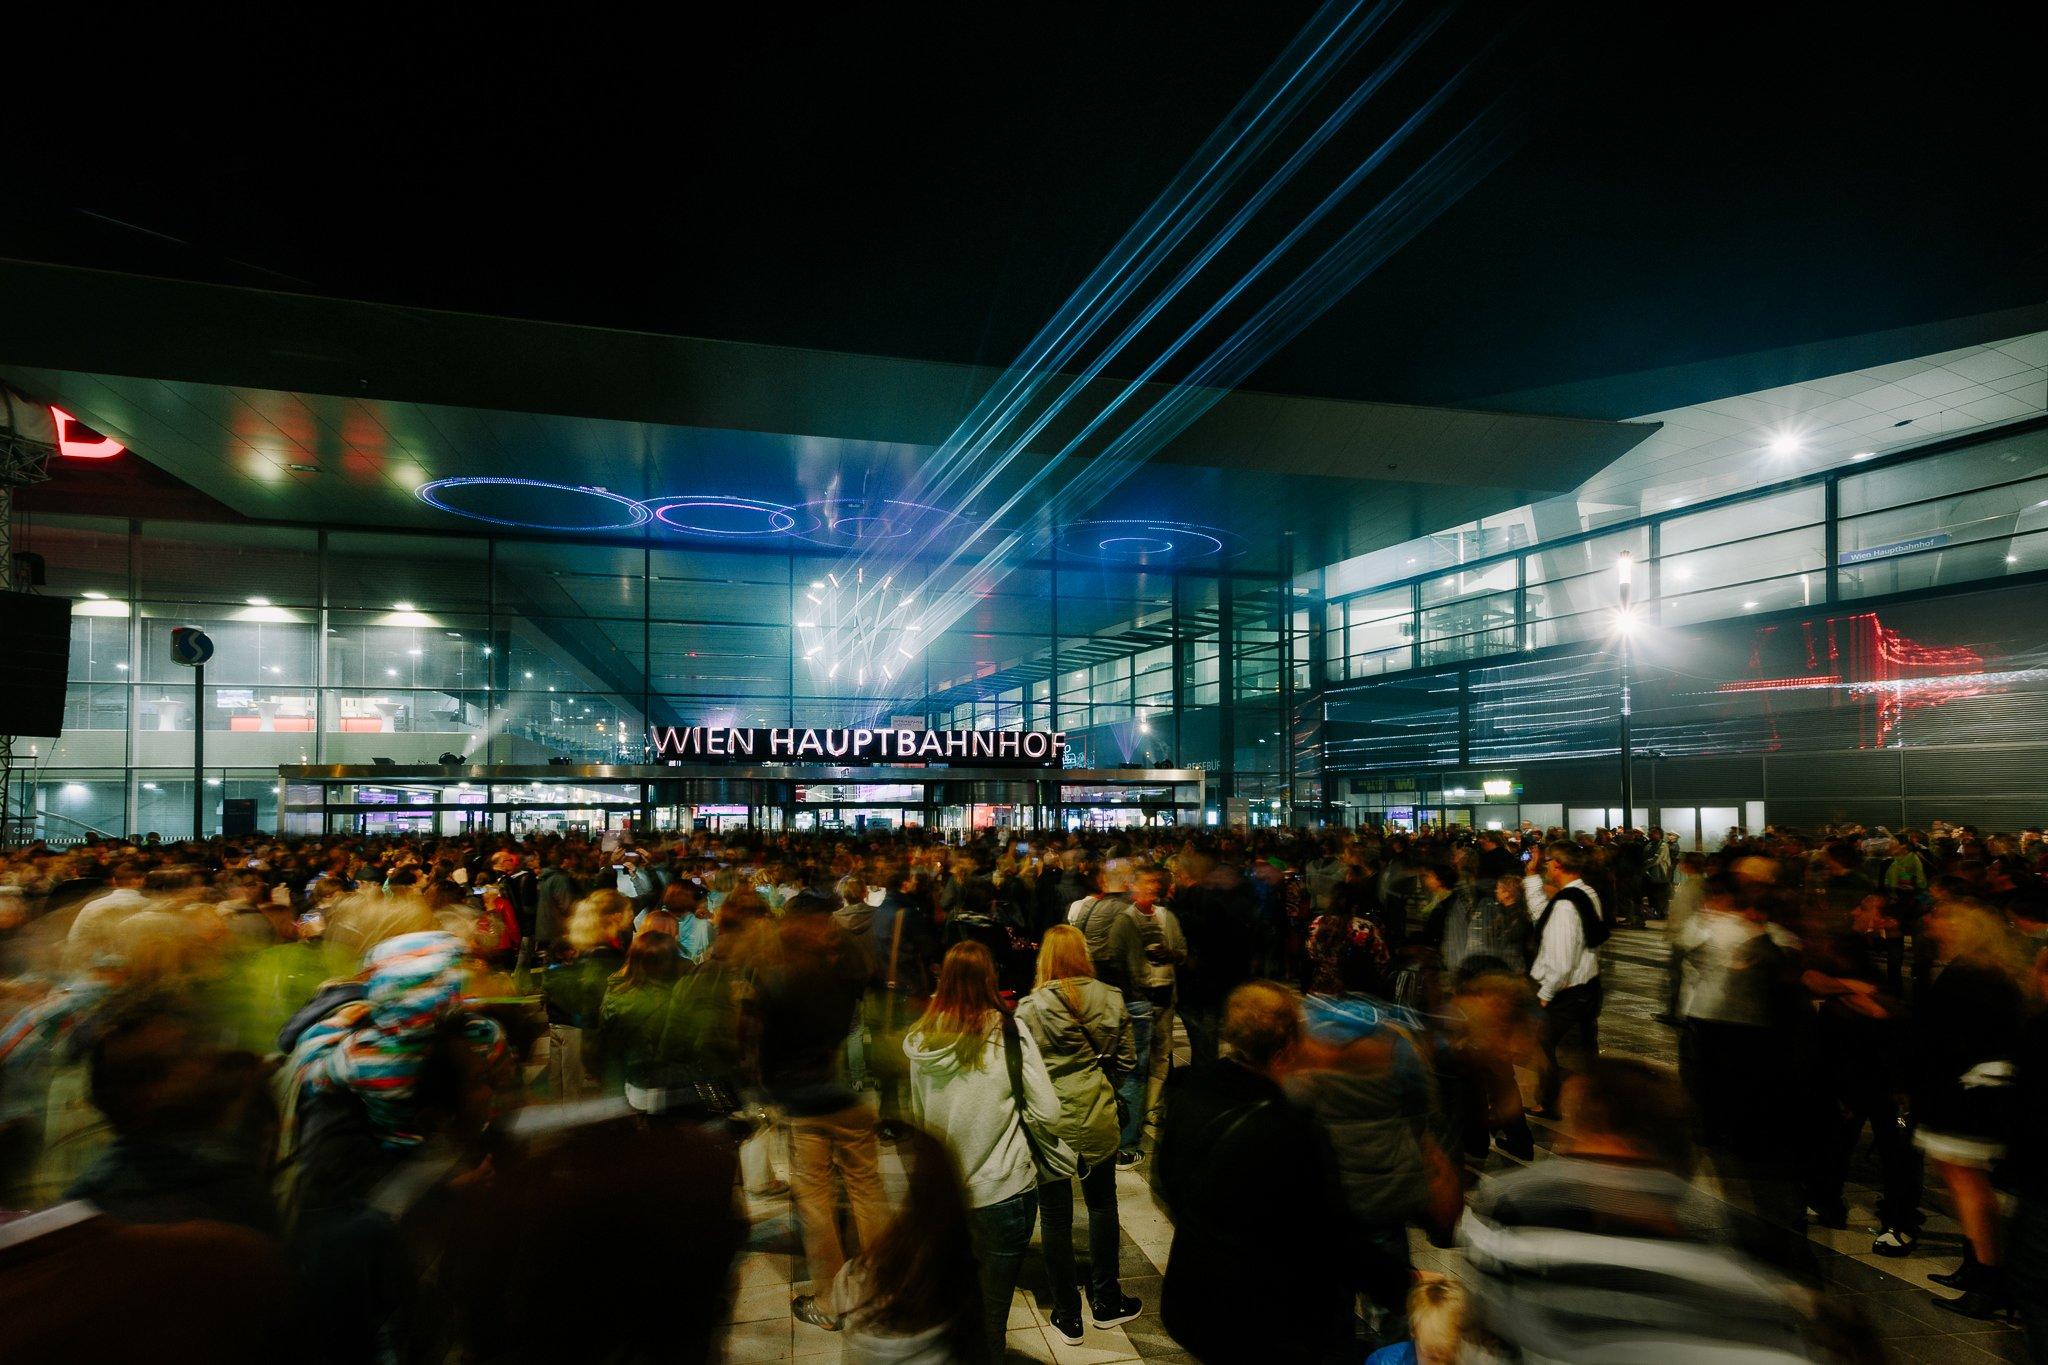 200.000 Besucher kamen an den beiden Eröffnungstagen zum Wiener Hauptbahnhof, um das faszinierende Bauwerk zu sehen. Im Gegensatz zu anderen Großprojekten in Deutschland konnten die Österreicher Bauzeit und Kostenrahmen weitgehend einhalten.